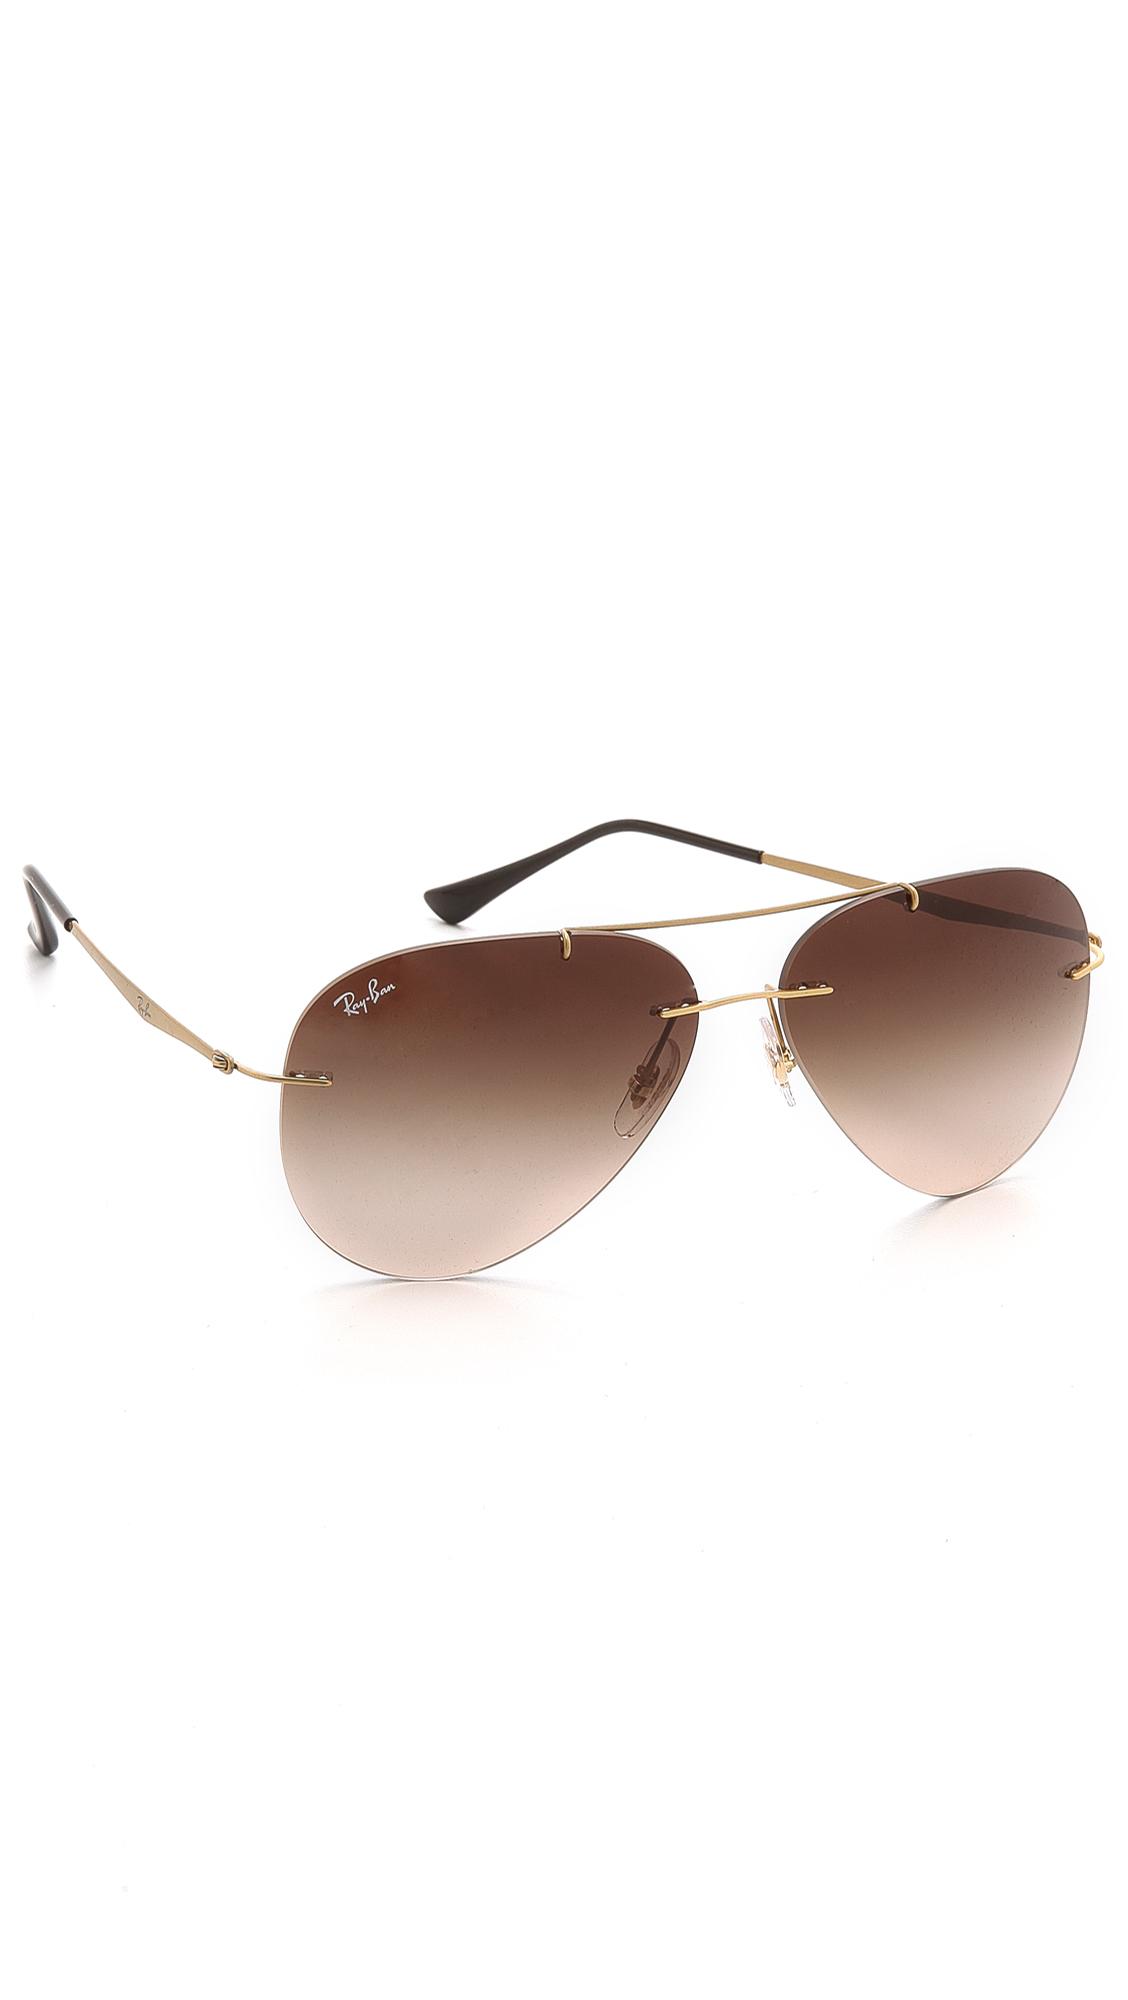 2ba0221932d ... netherlands ray ban. light tech aviator sunglasses 4b5b3 5c18d